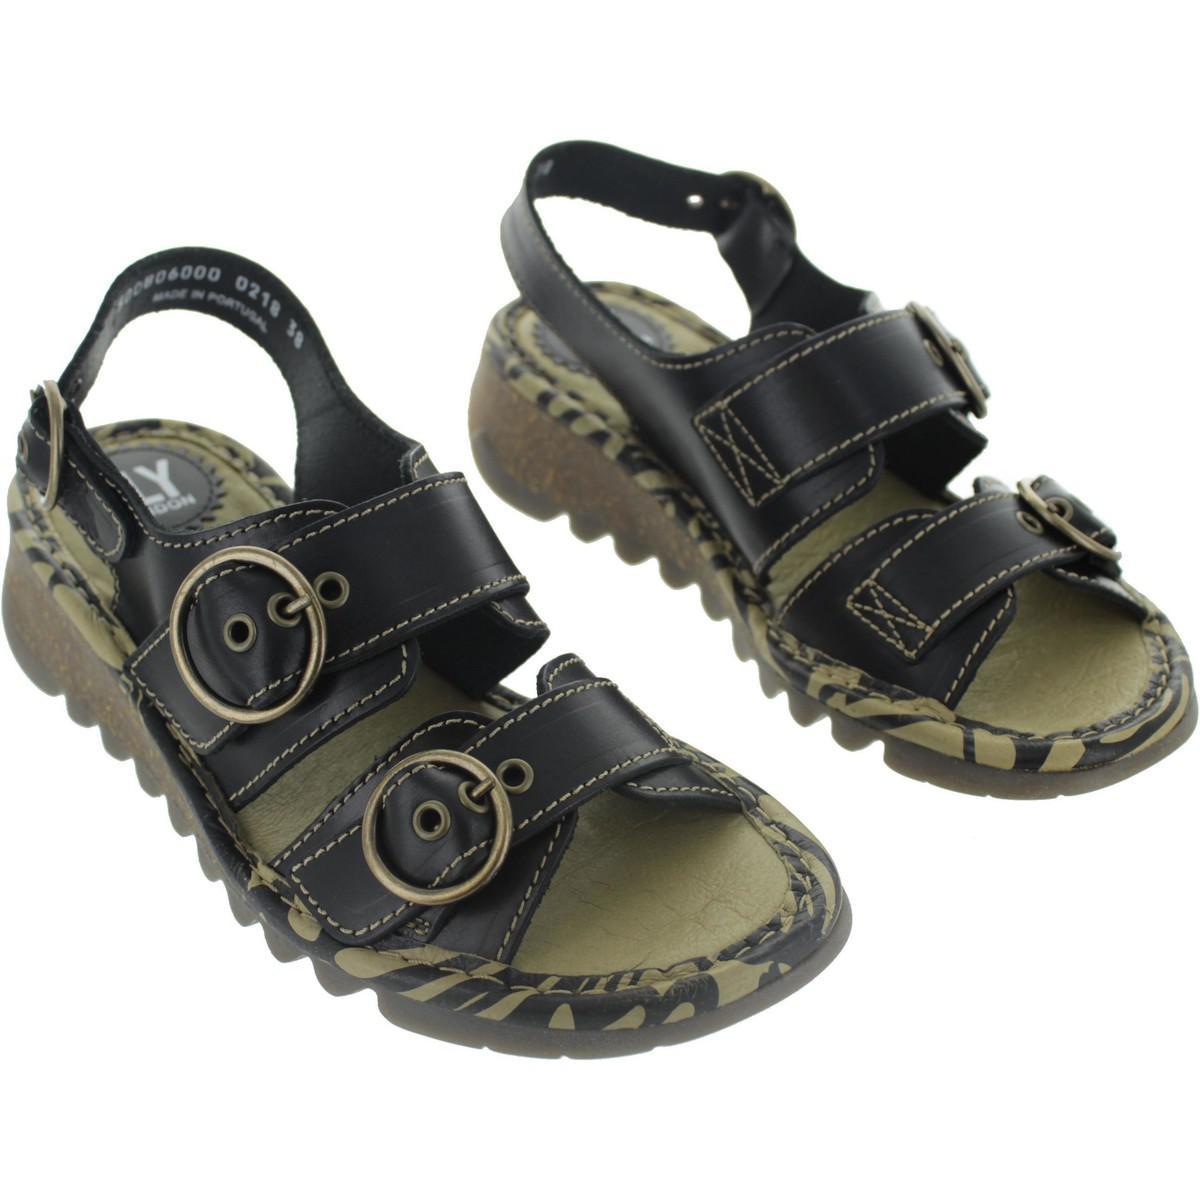 3252a856086de4 Fly London Tear Women s Sandals In Black in Black - Lyst